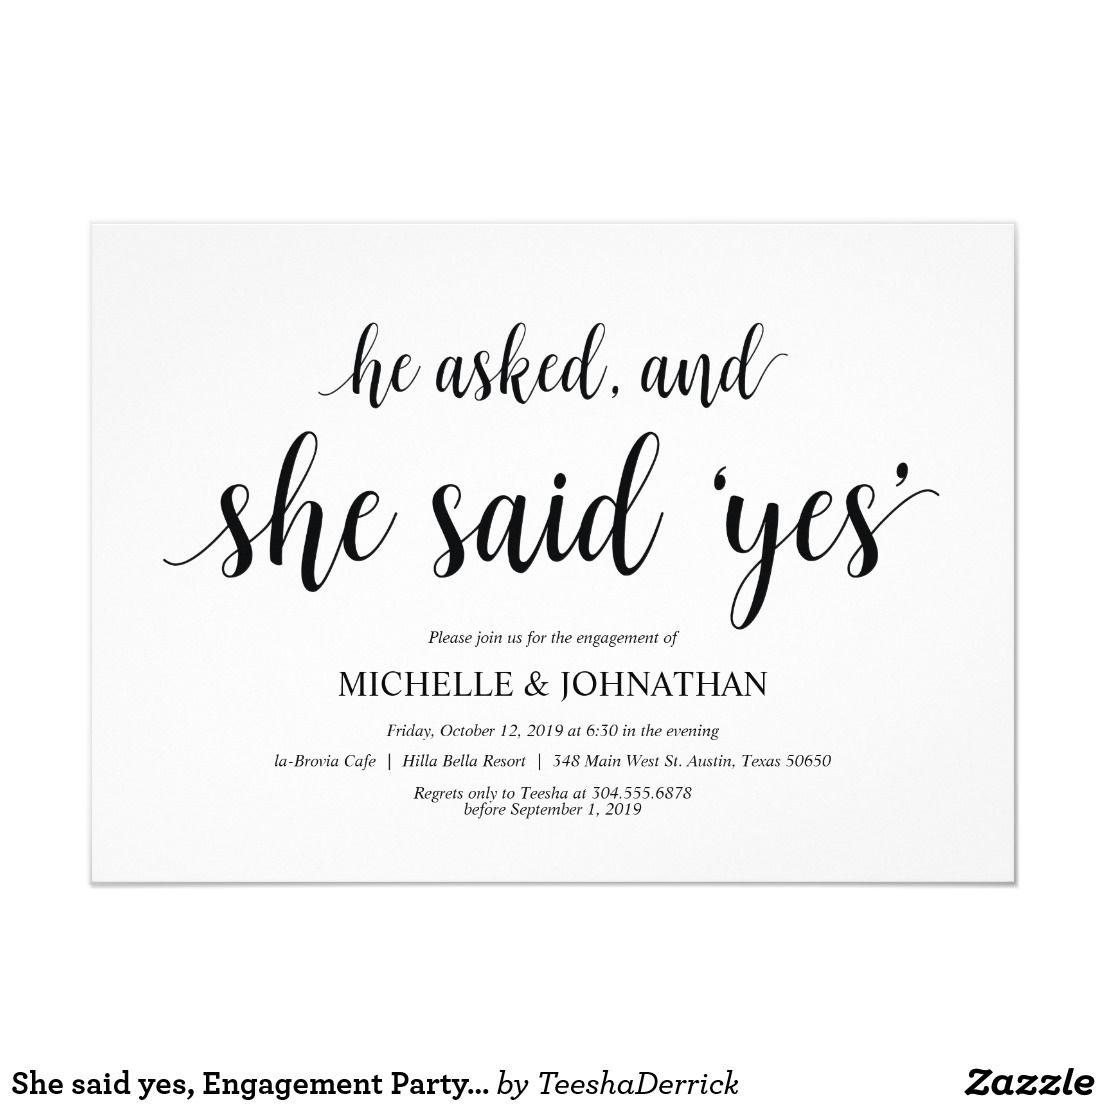 She Said Yes Engagement Party Invites Zazzle Com In 2020 Engagement Party Invitations Engagement Party Invitation Cards Bridal Shower Invitation Cards